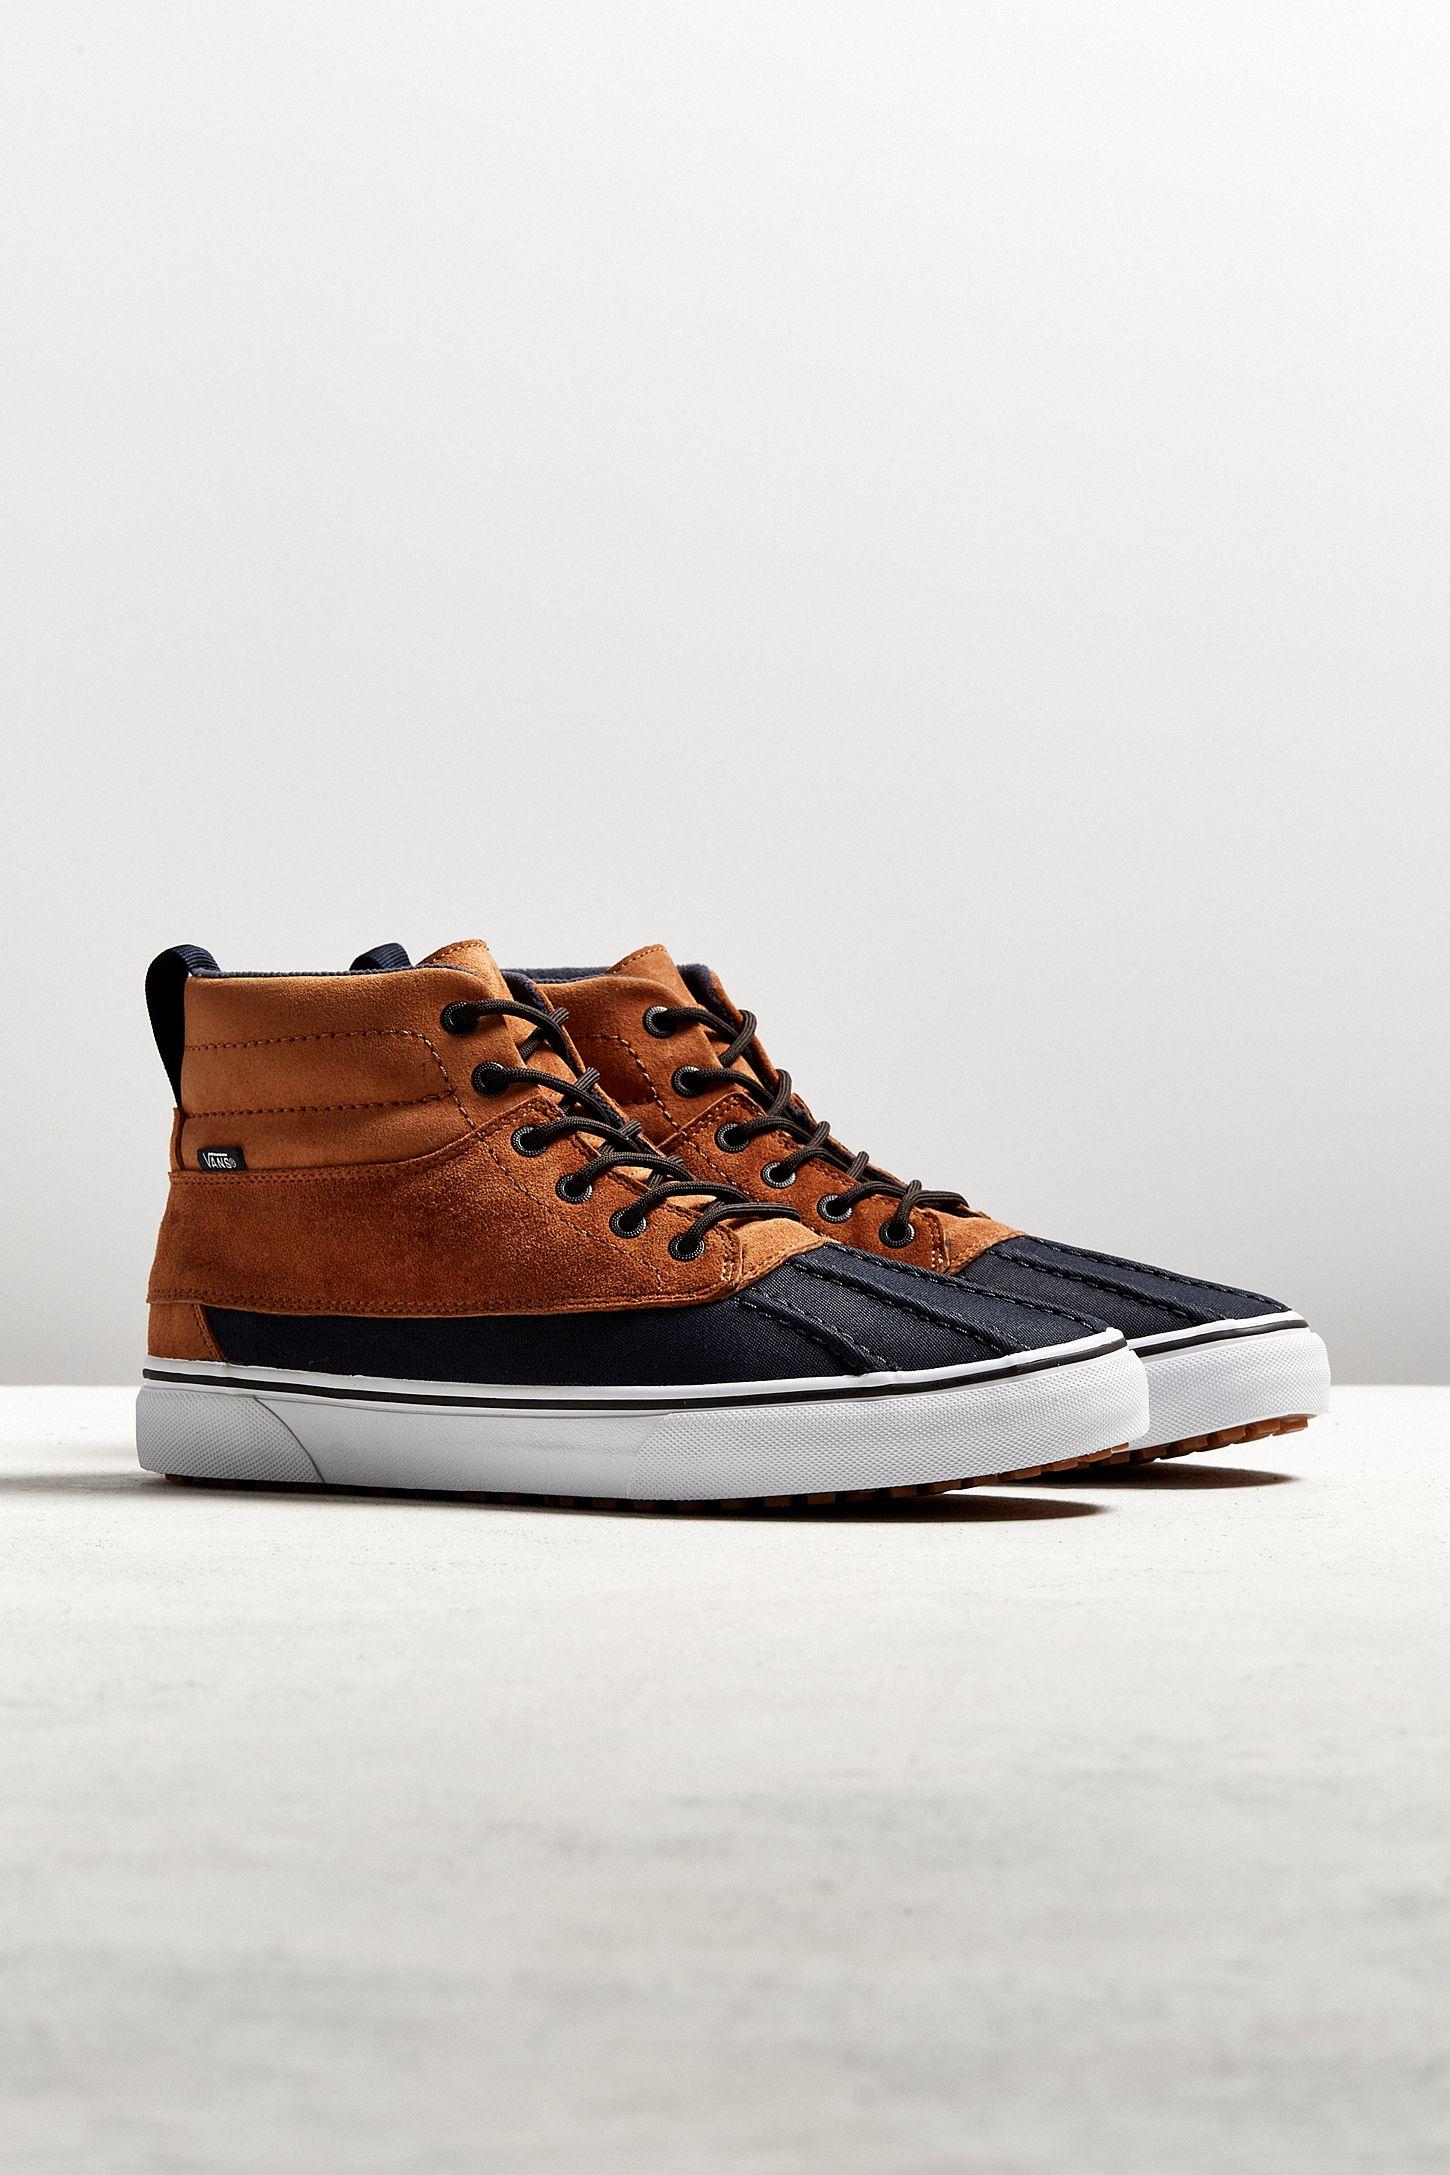 00e5d52e63 Vans Sk8-Hi Del Pato MTE Sneakerboot